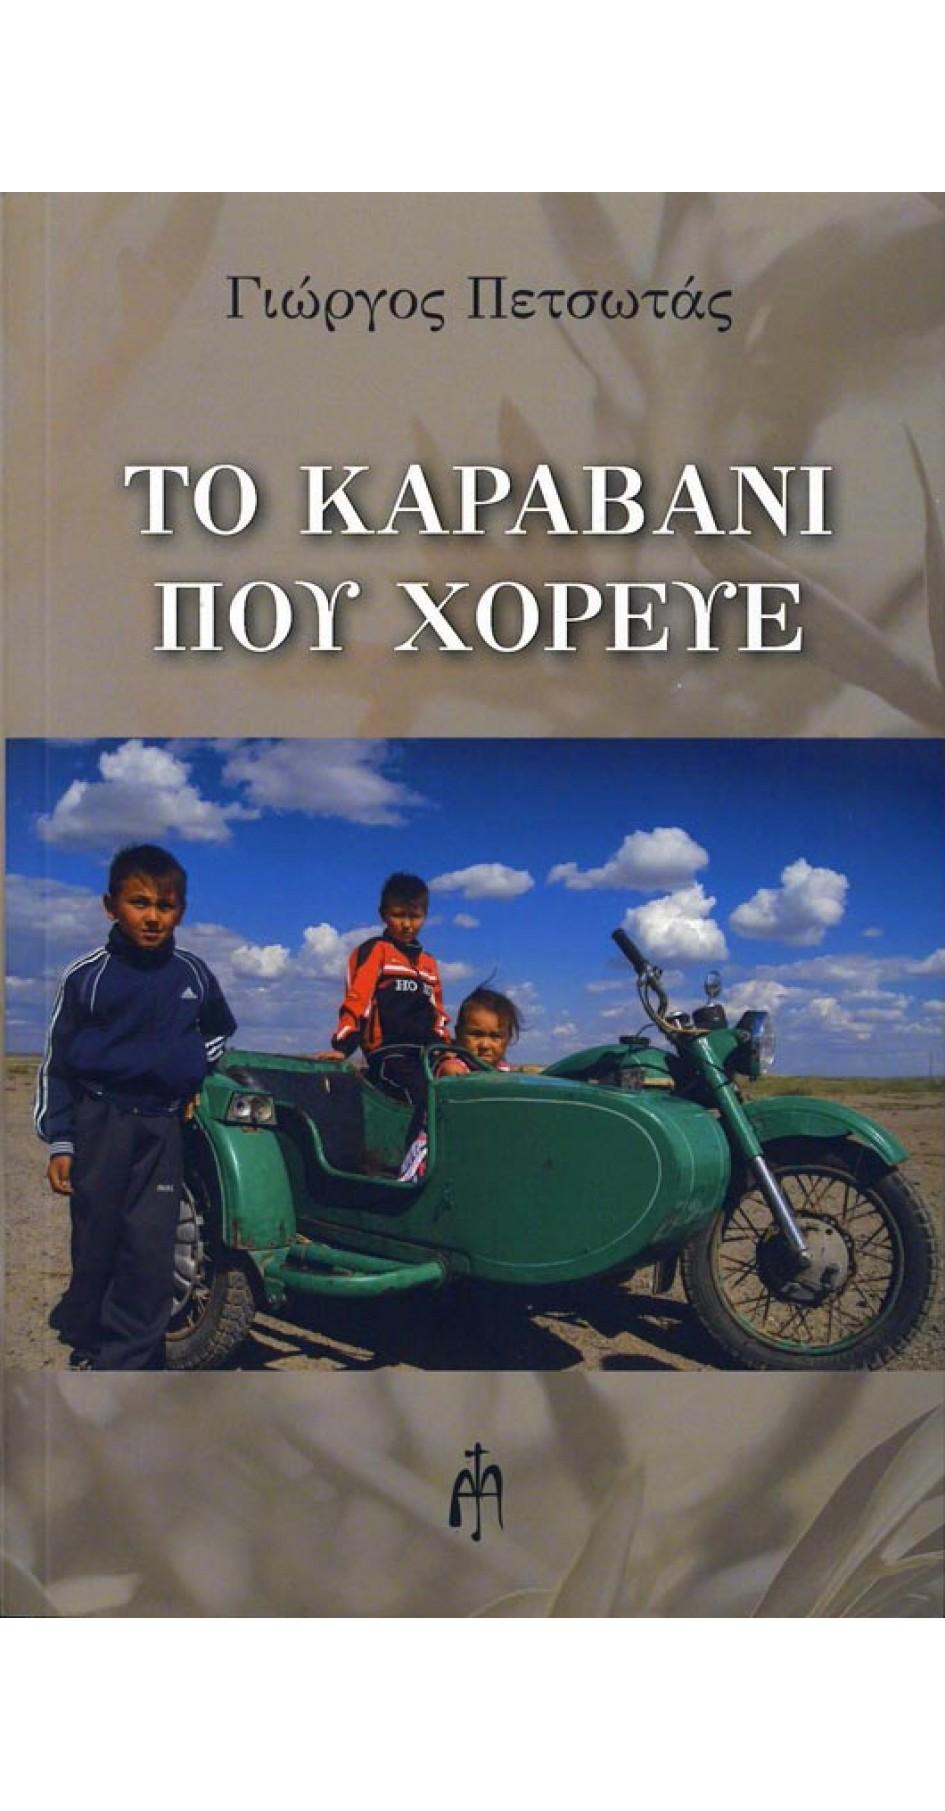 Το Καραβάνι που χόρευε (book in Greek)